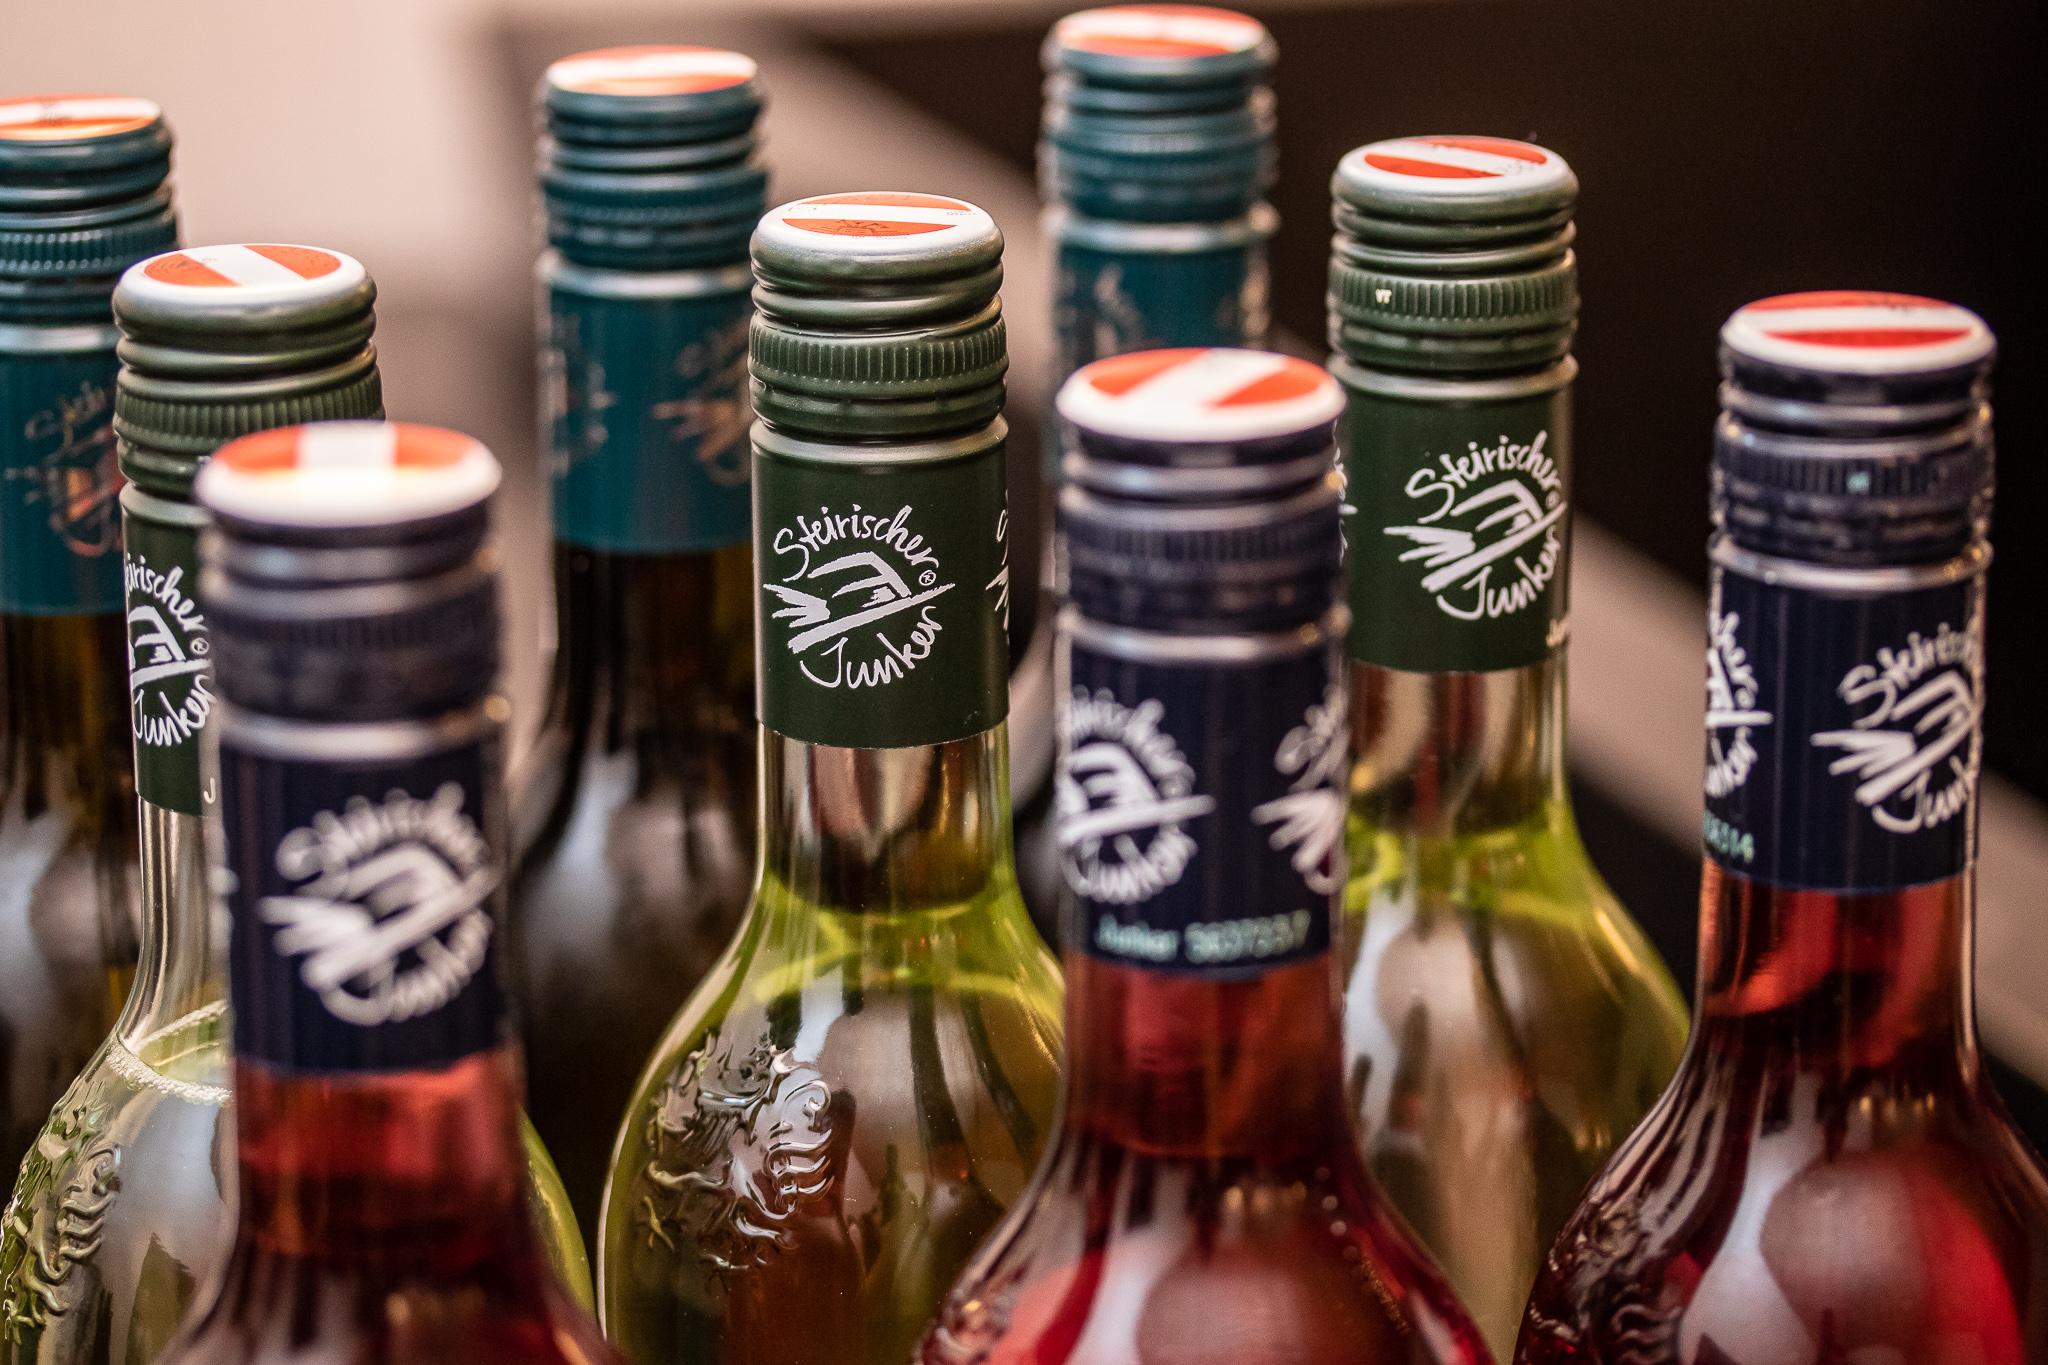 Junkerpräsentation - Steirischer Wein - Steirischer Jungwein